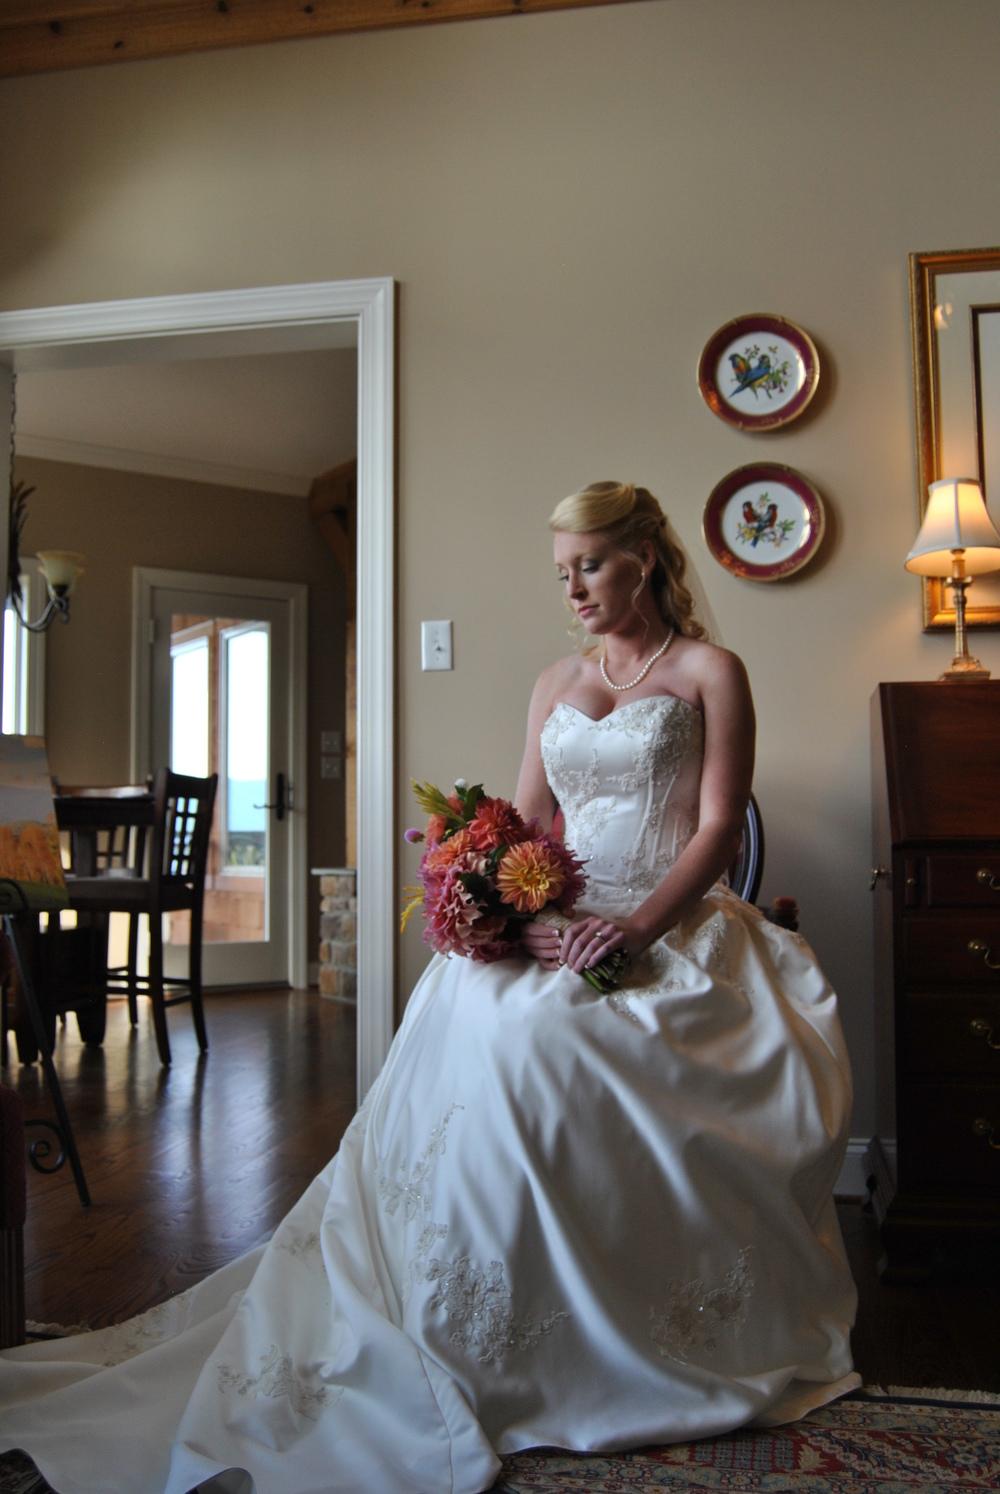 gardner-wedding-photography-photographer-sierra-vista11